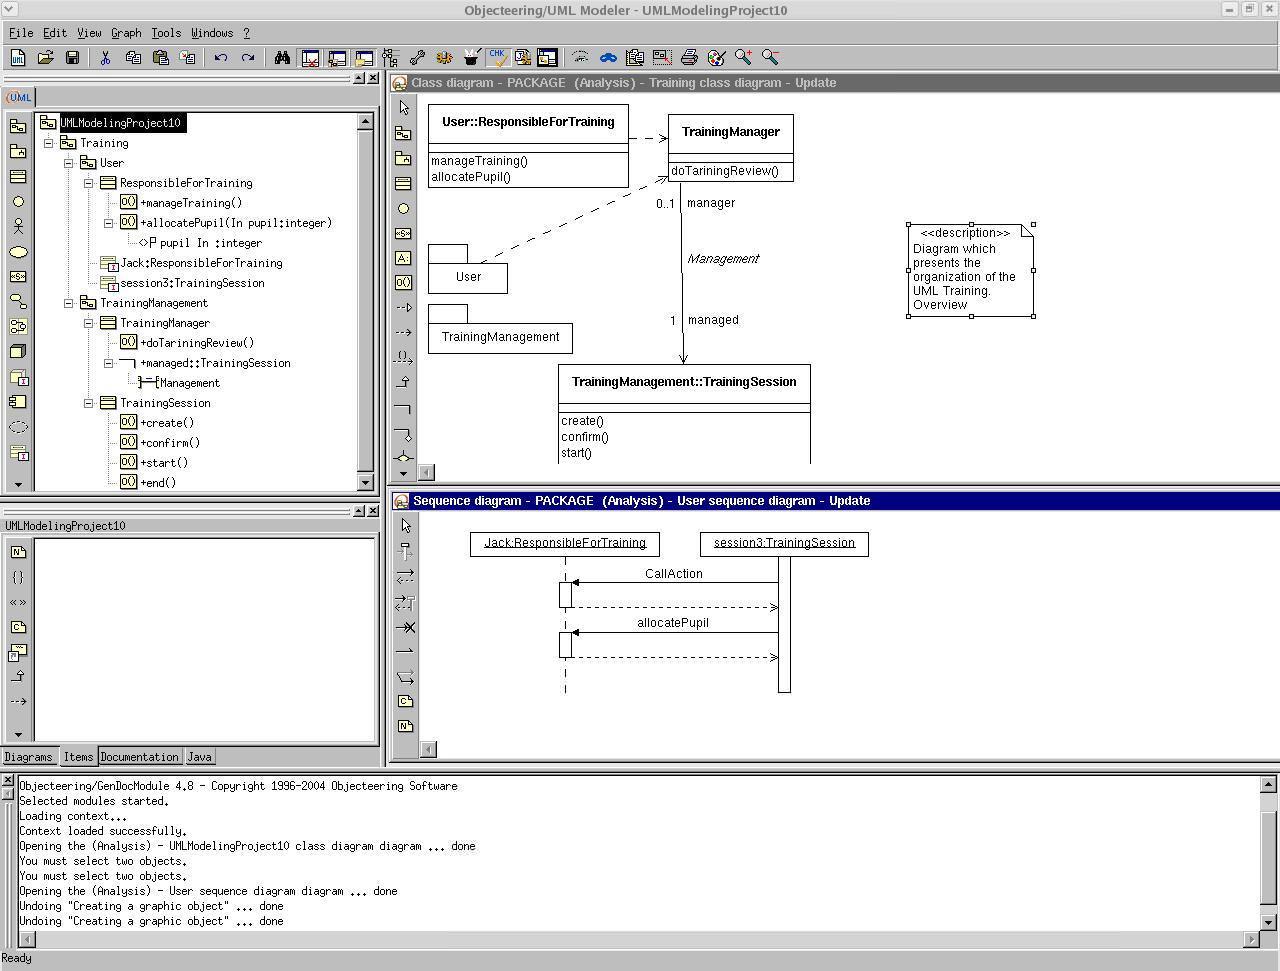 GRATUIT TÉLÉCHARGER OBJECTEERING UML